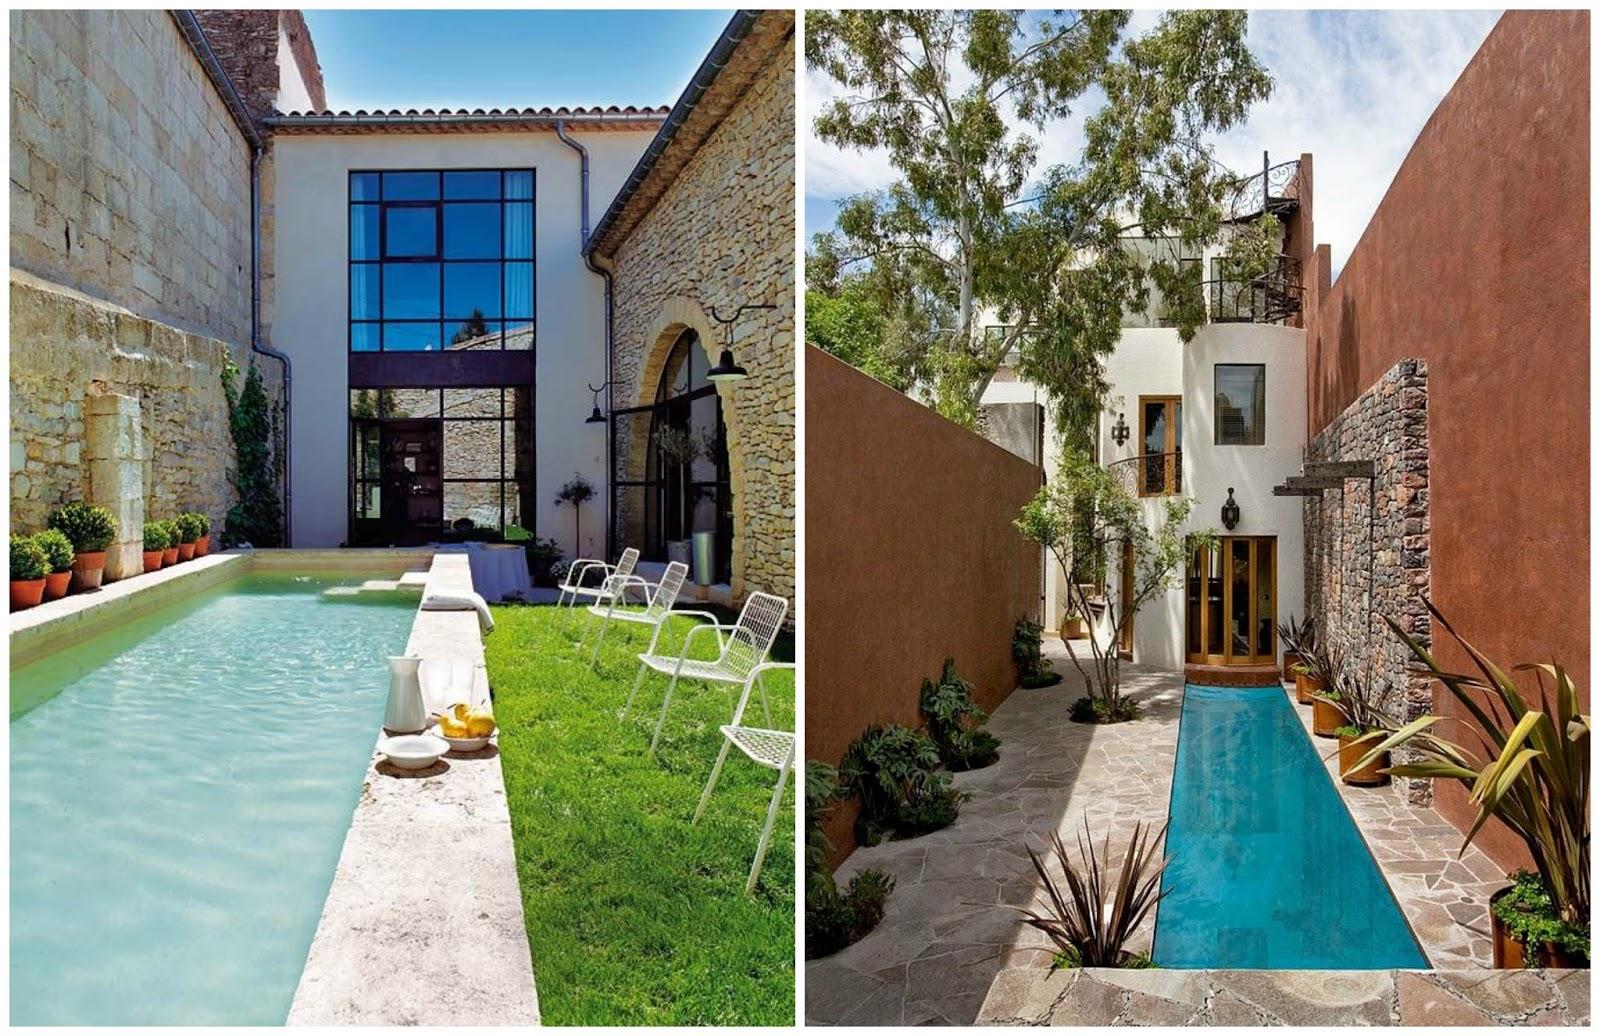 100 tonos de verde buscando inspiracion piscinas perfectas for Decoracion patio con piscina